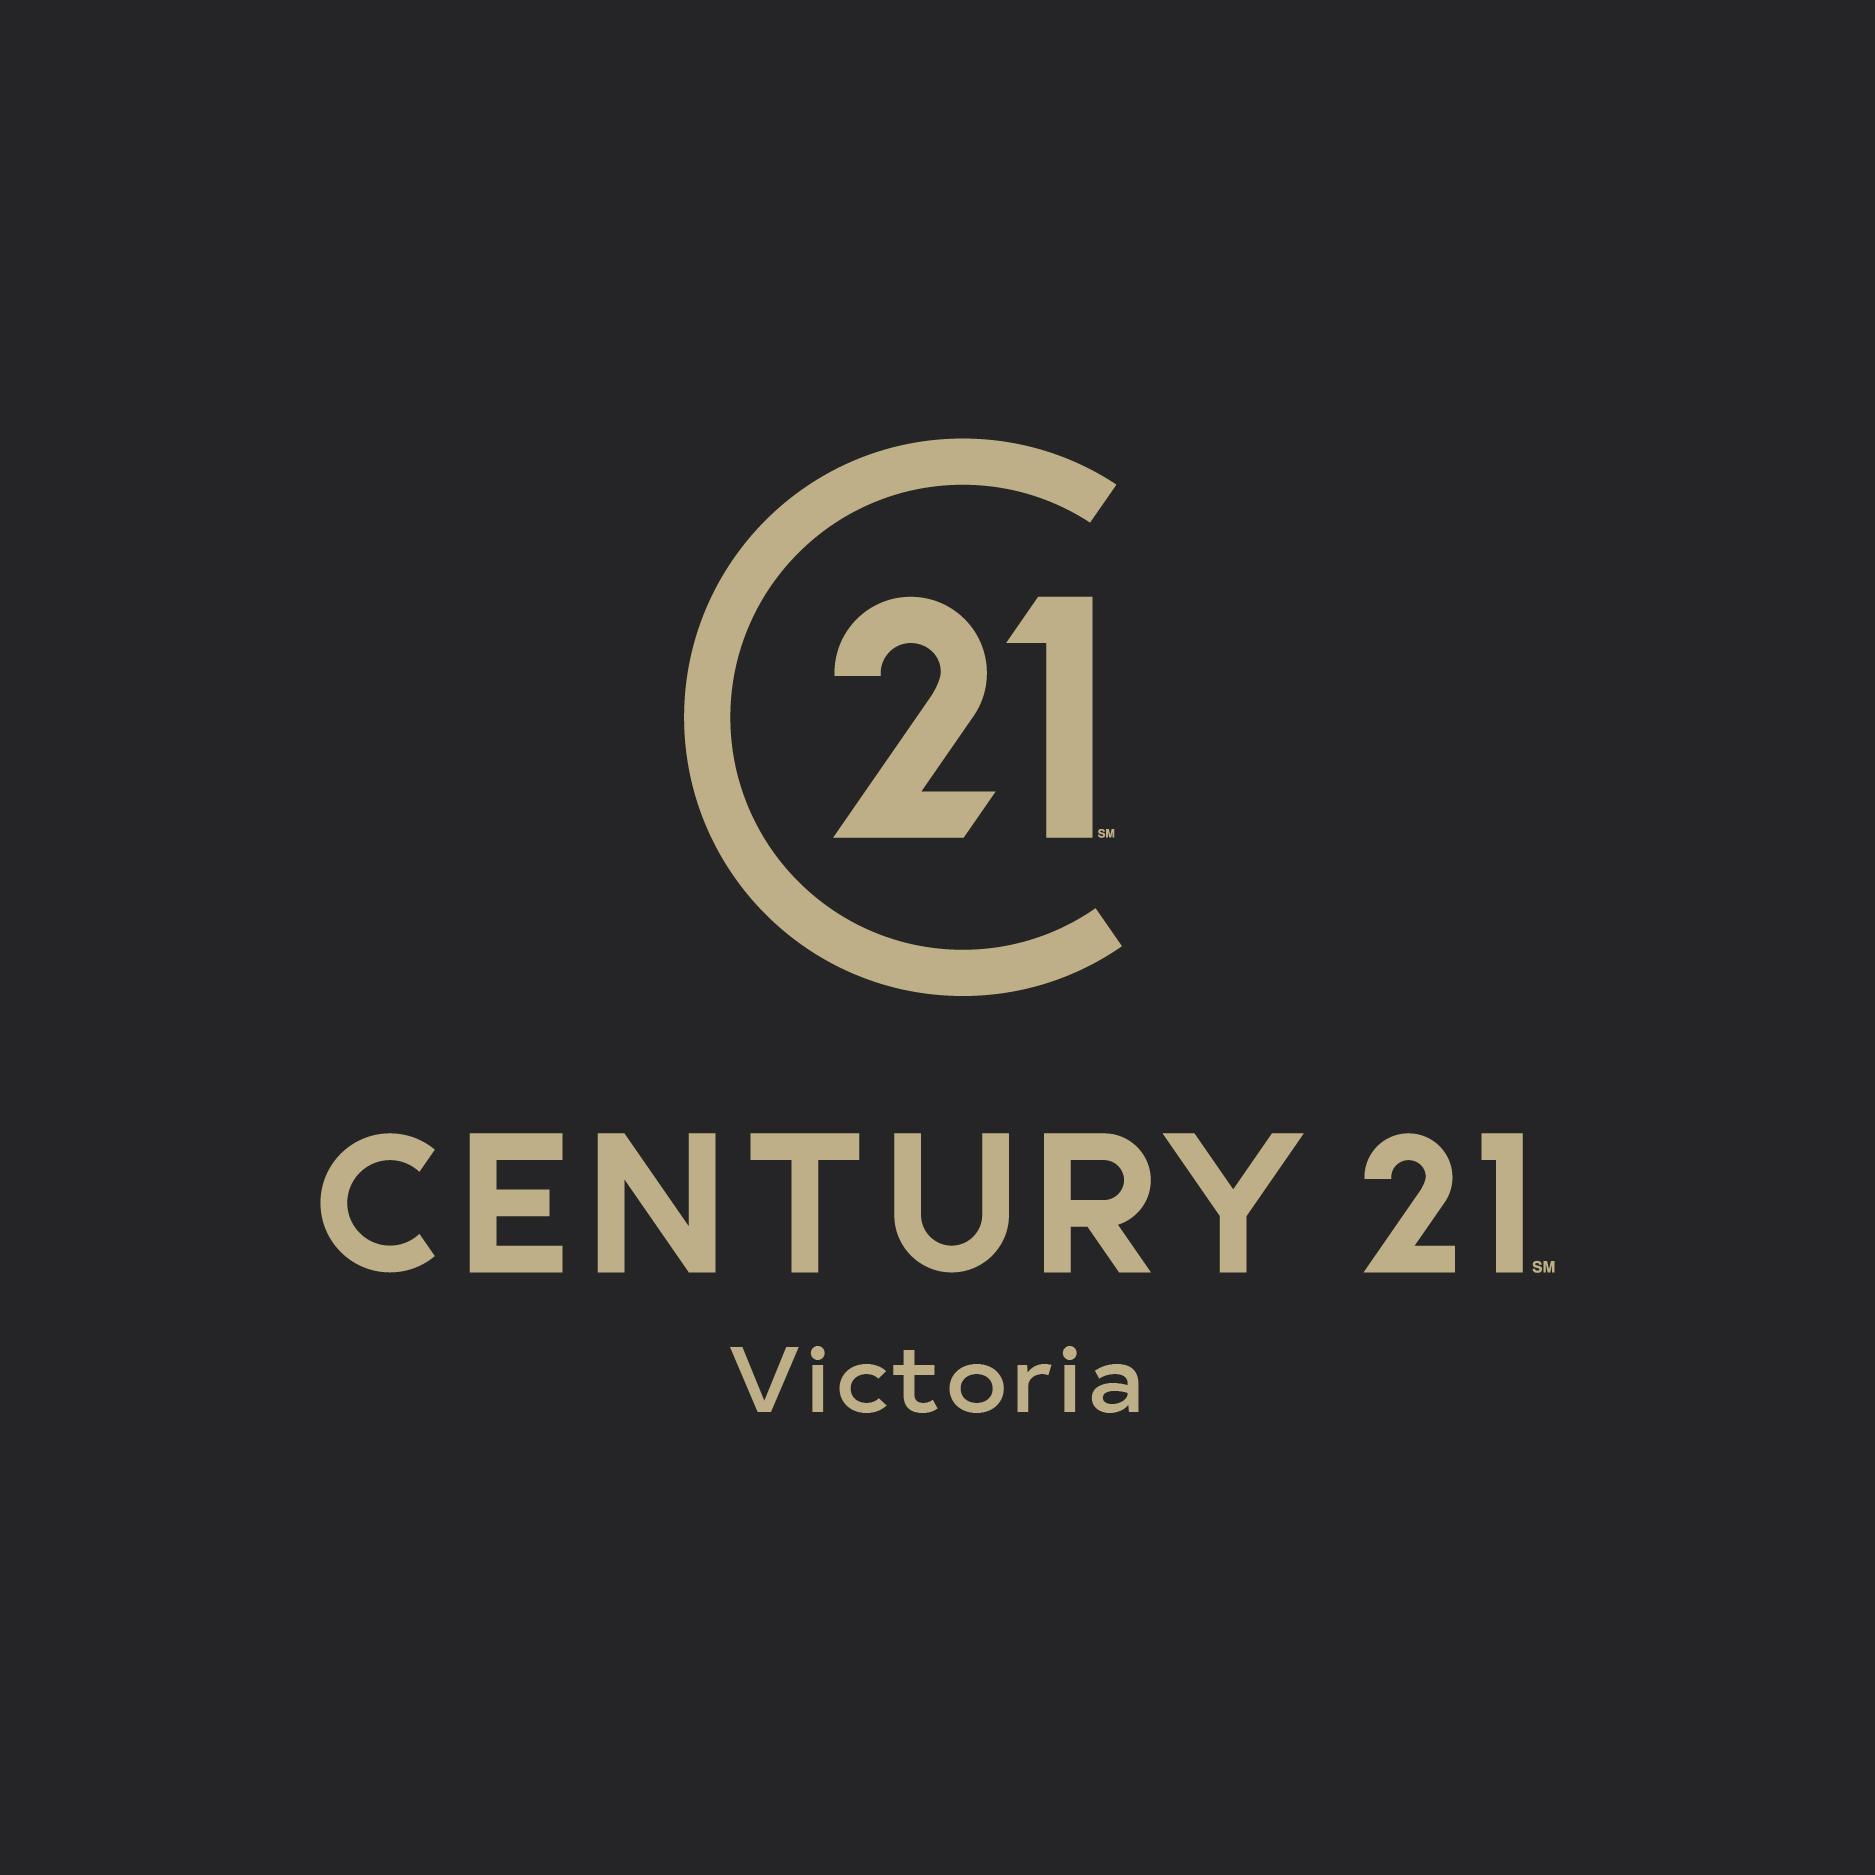 Century 21 - Victoria